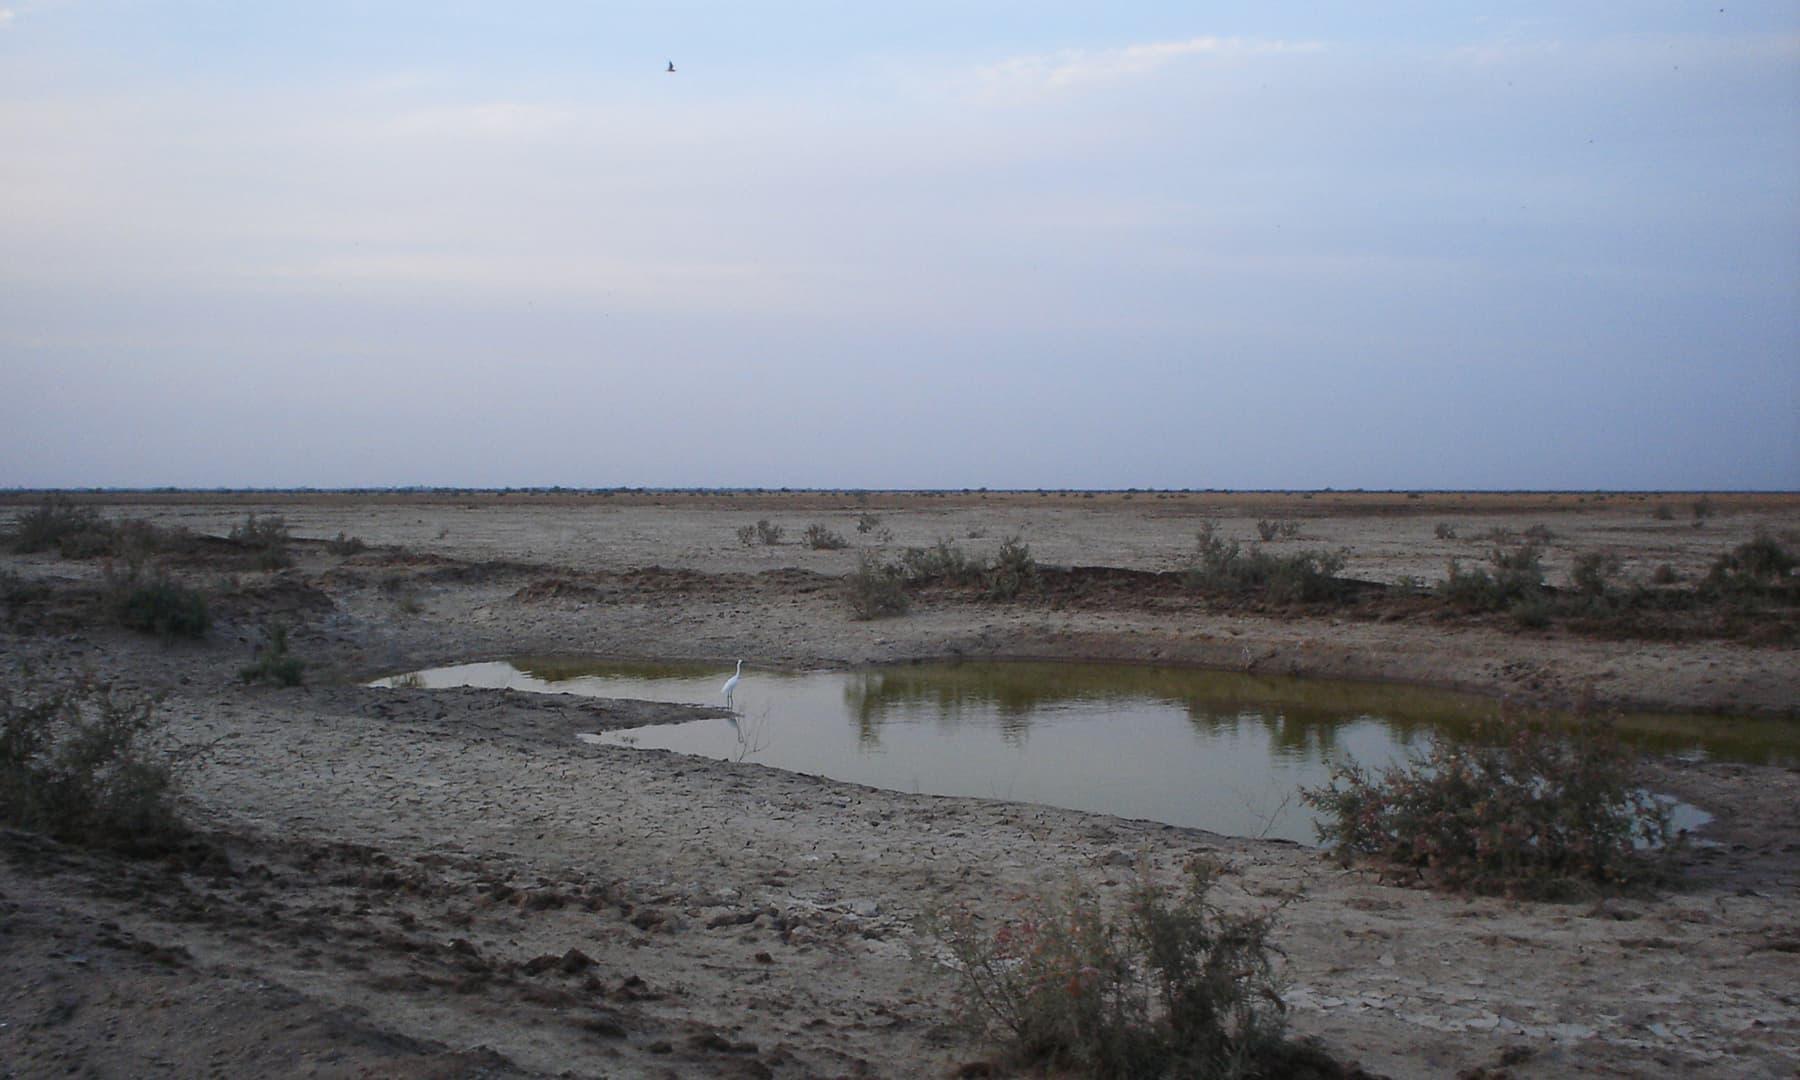 نریڑی جھیل کی موجودہ حالت—تصویر ابوبکر شیخ